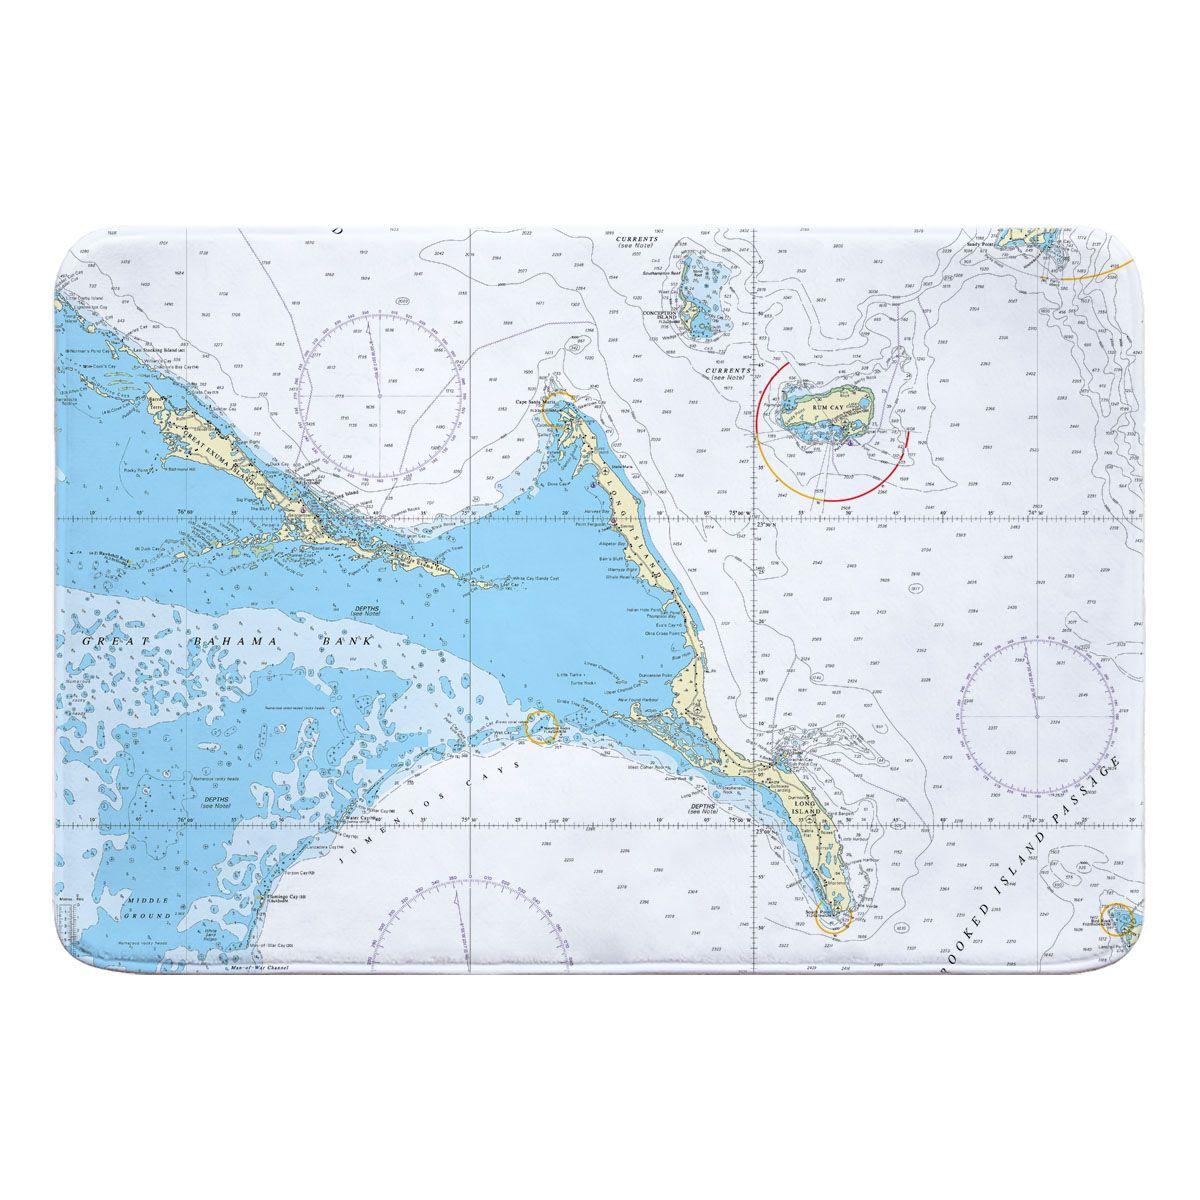 Exuma Islands Long Island Rum Cay Bahamas Nautical Chart Memory Foam Bath Mat Memory Foam Bath Mats Foam Bath Mats Nautical Chart